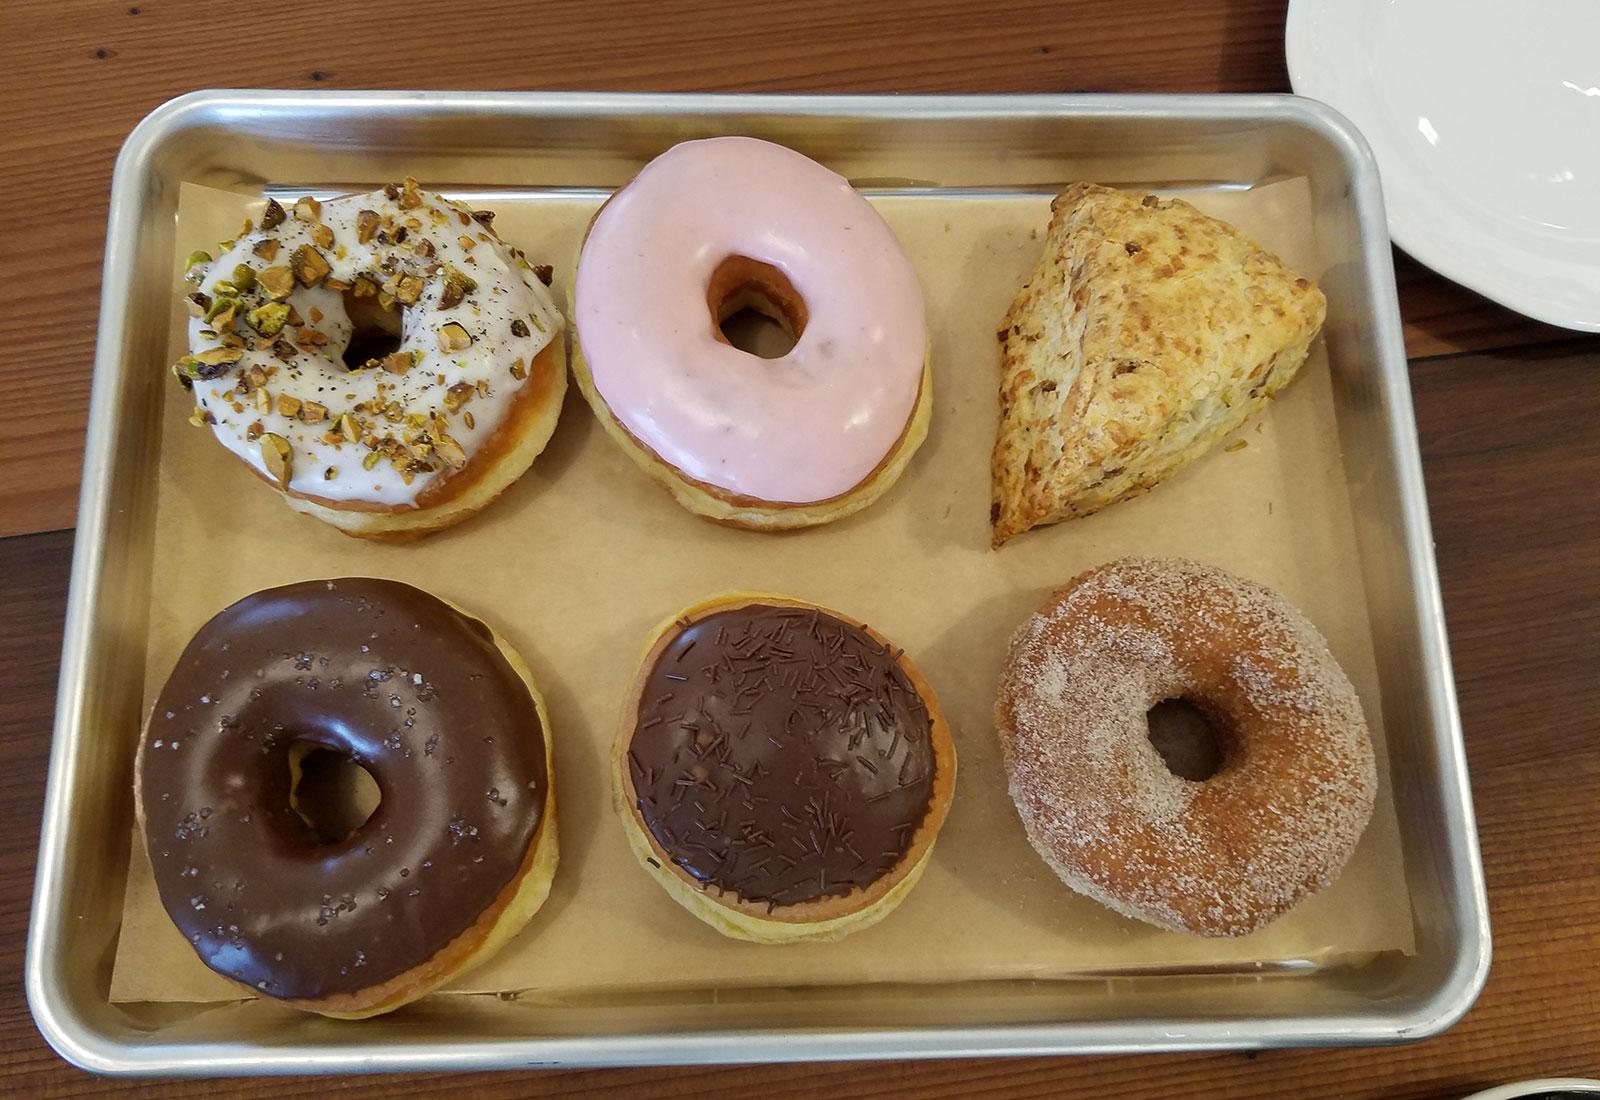 New Donut Spot in Santa Rosa is Brioche-a-licious